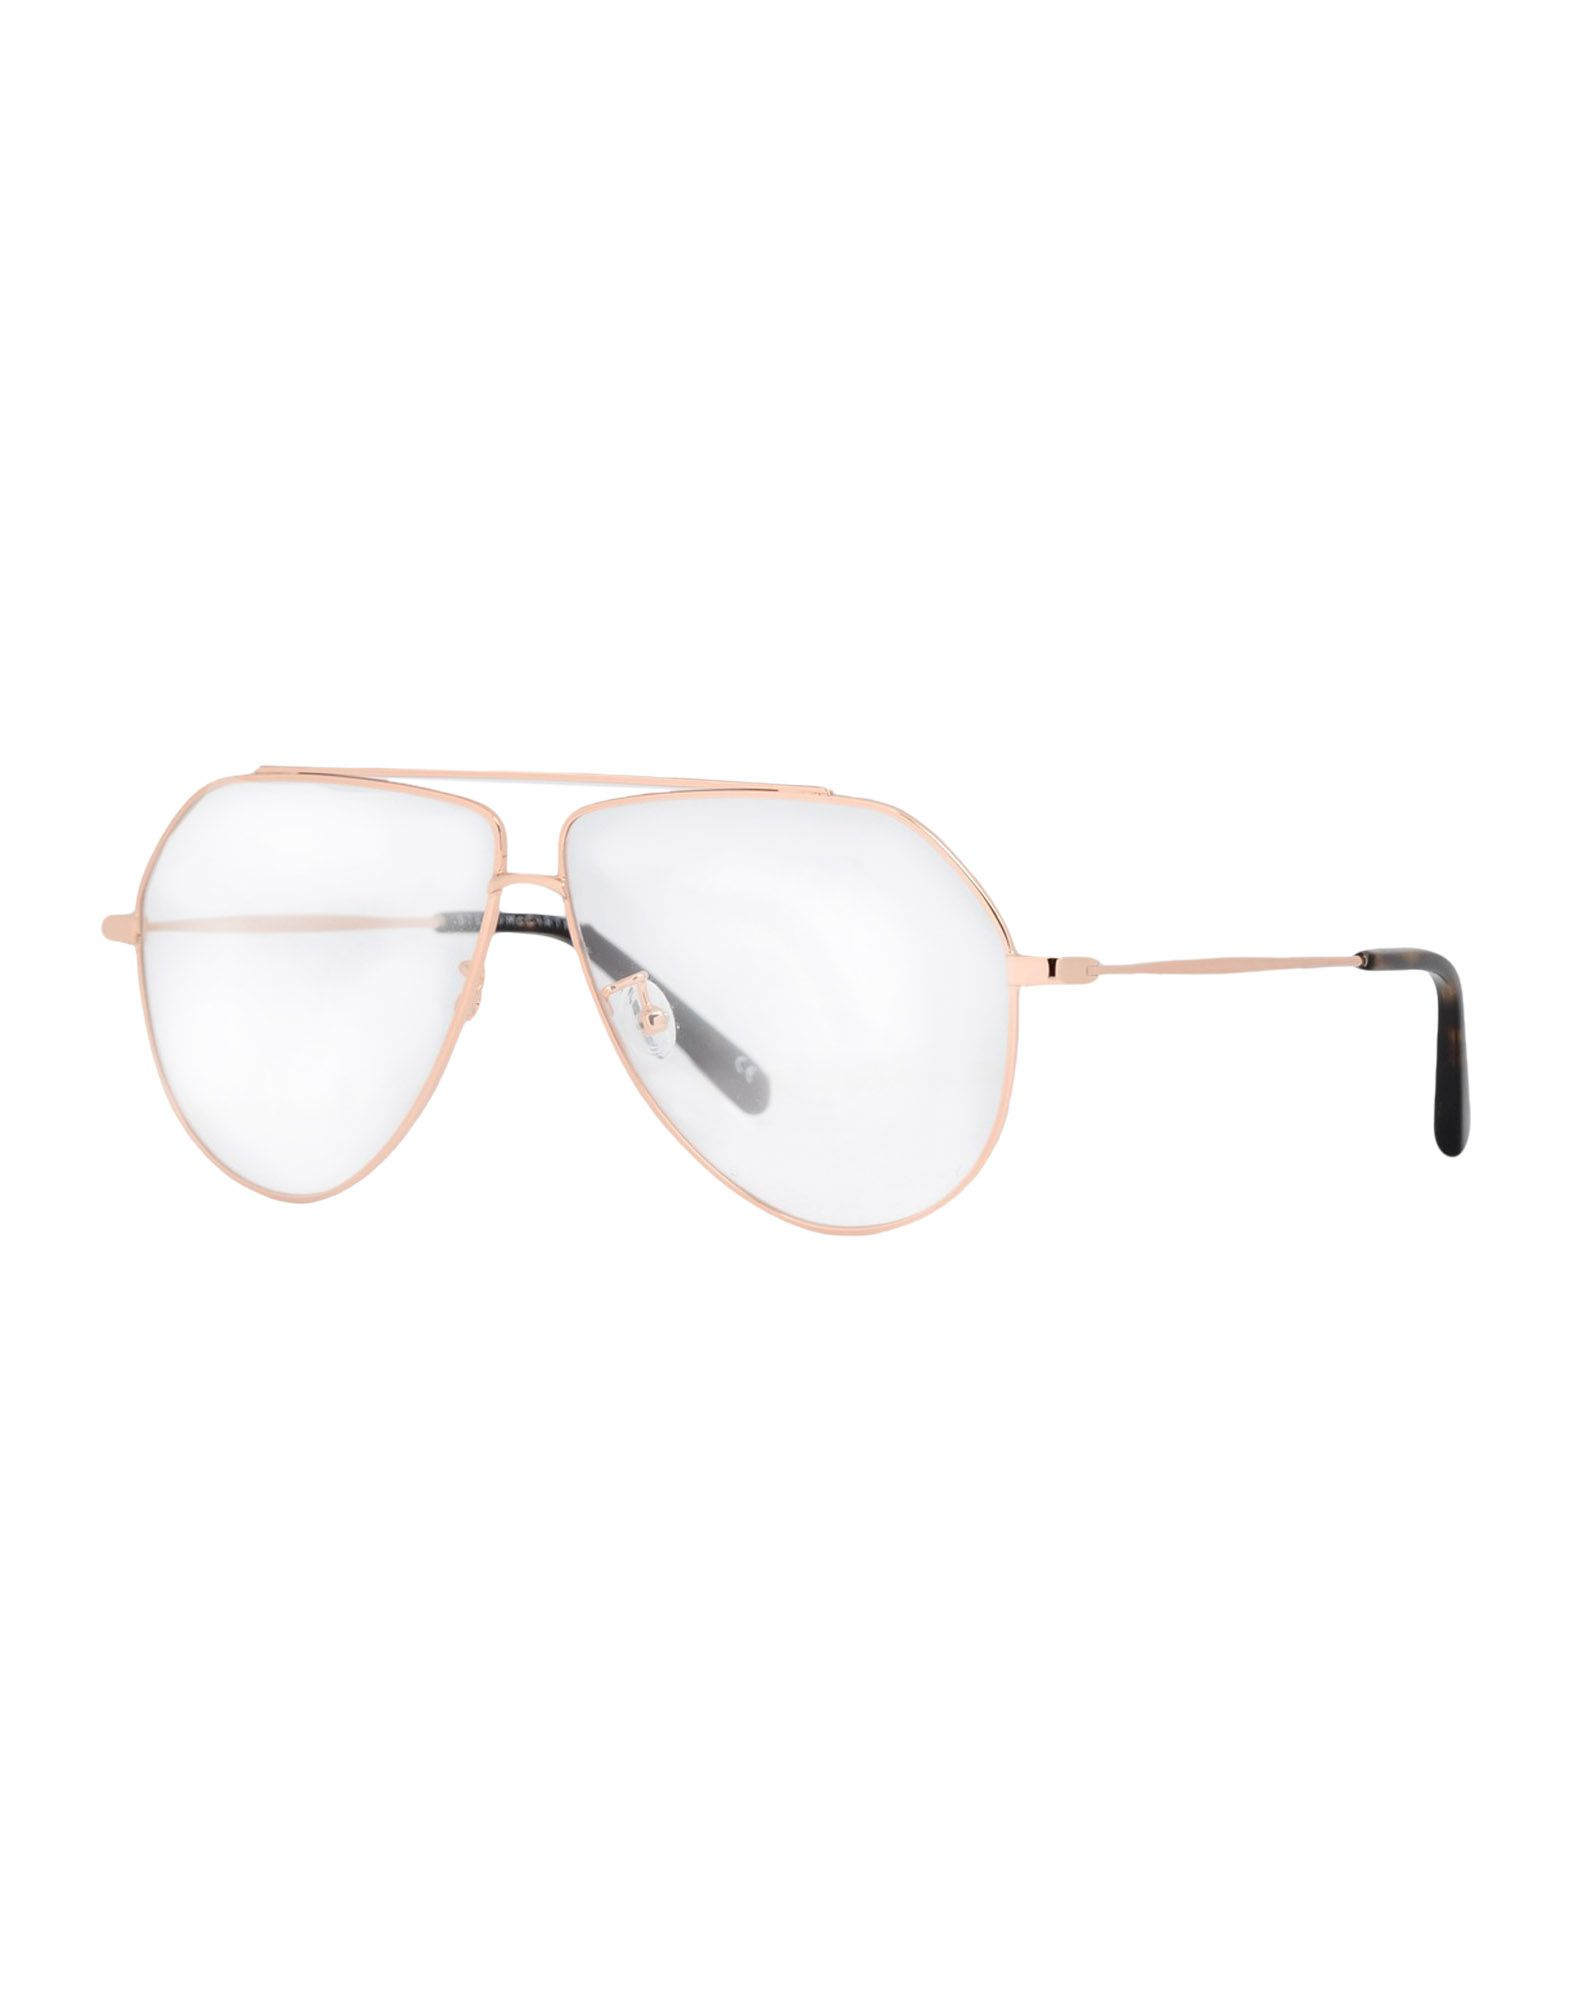 STELLA McCARTNEY Damen Brille Farbe Kupfer Größe 5